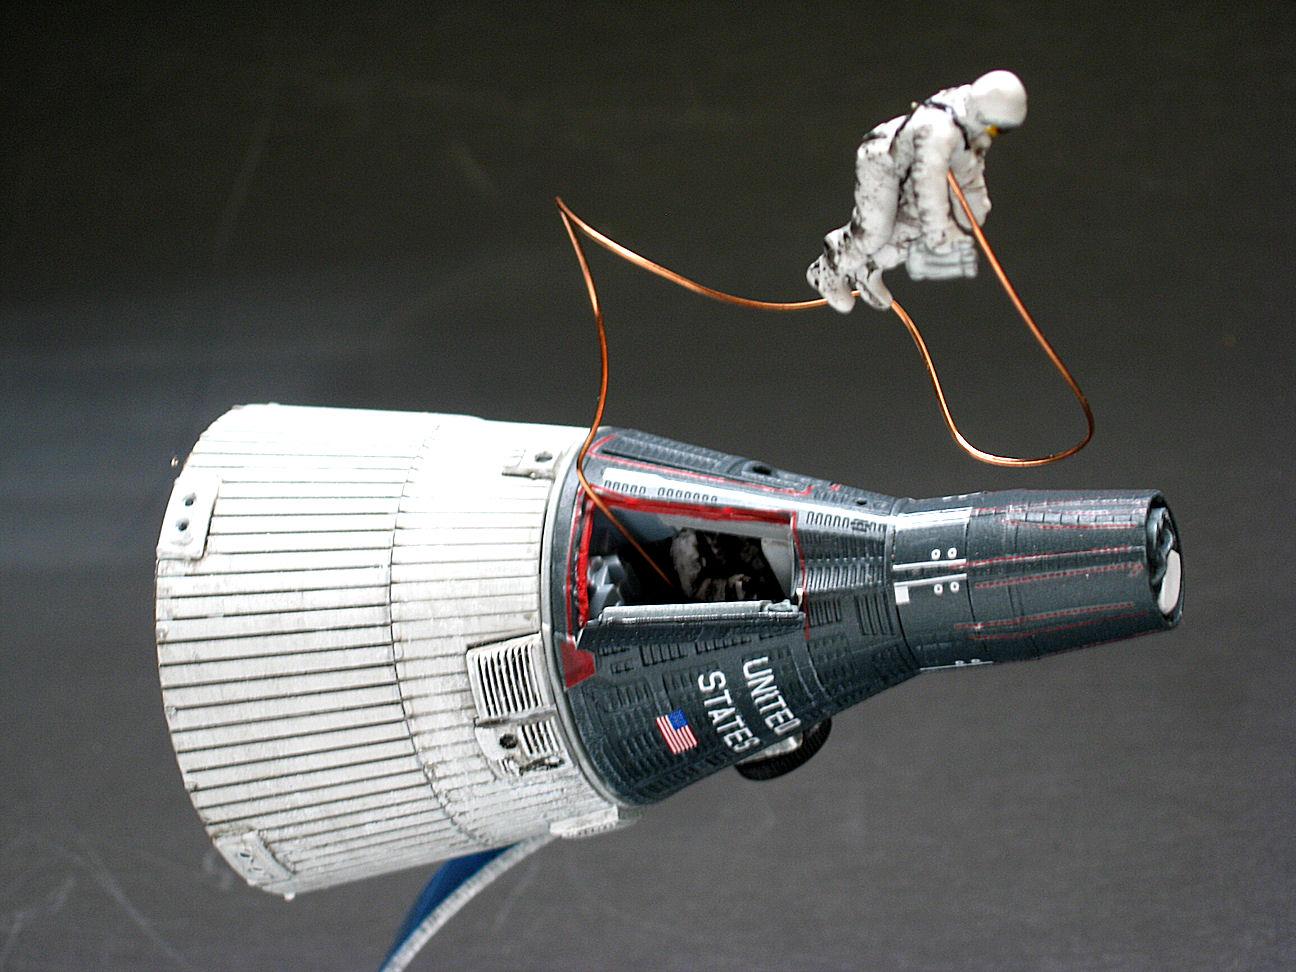 gemini 4 spacecraft documents - photo #28